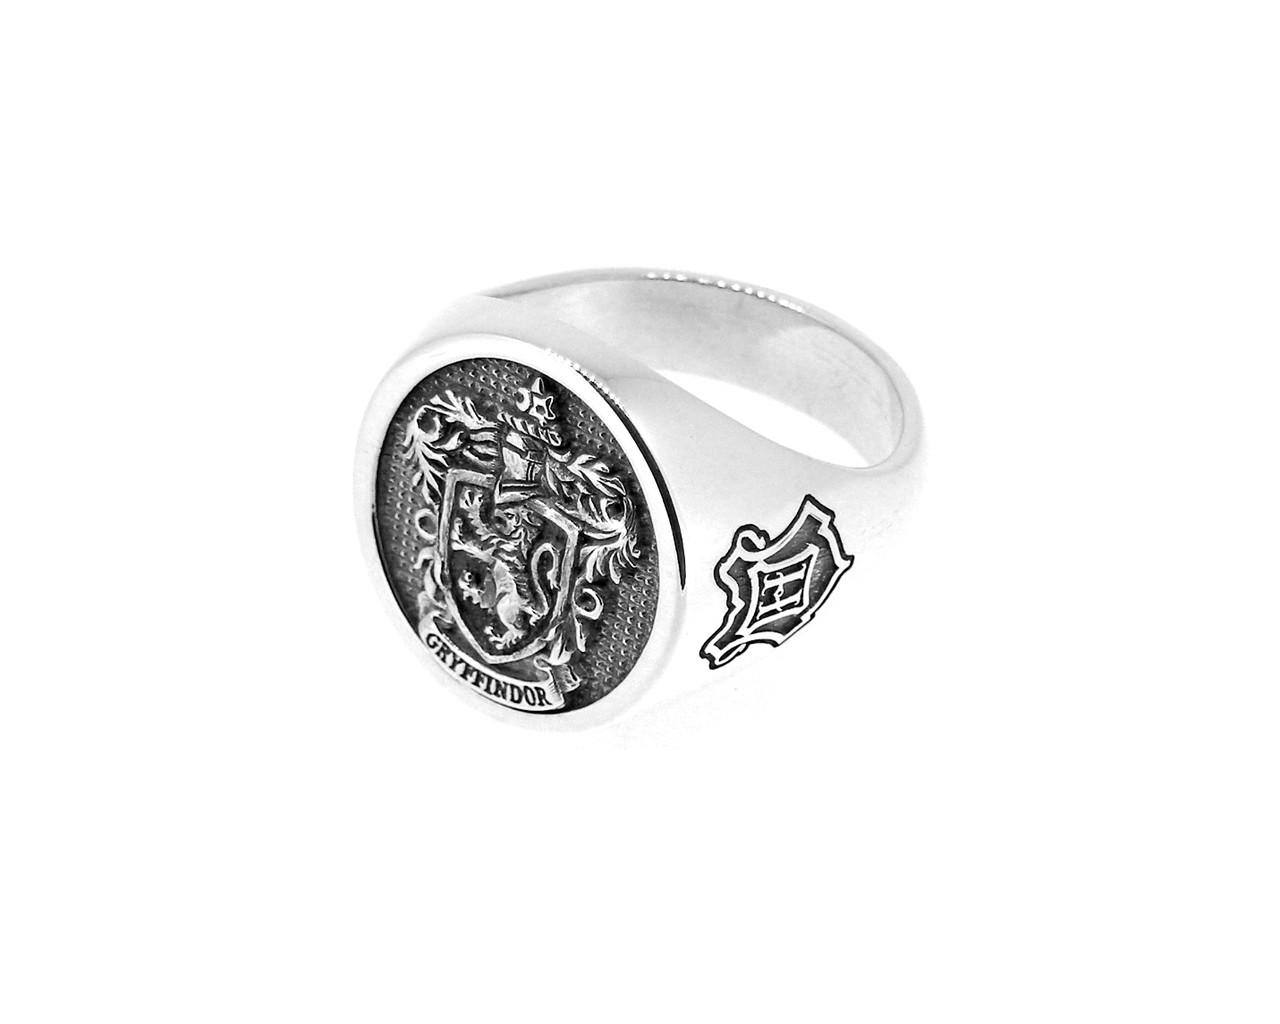 Harry Potter - Gryffindor House Crest - Sterling Silver Signet Ring